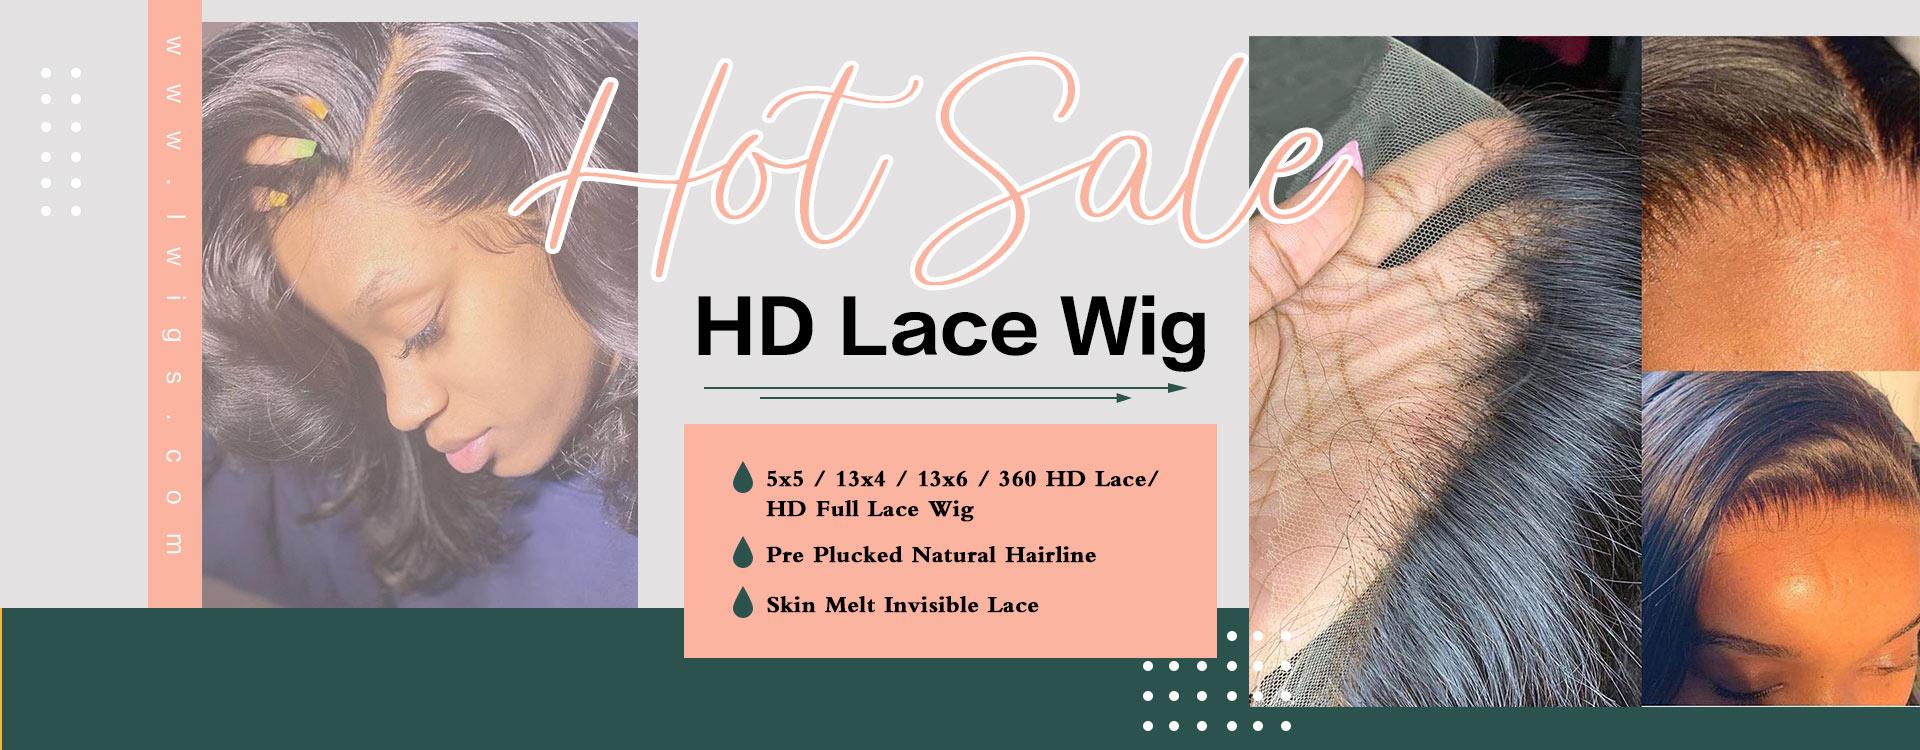 https://www.lwigs.com/360-lace-wigs.html